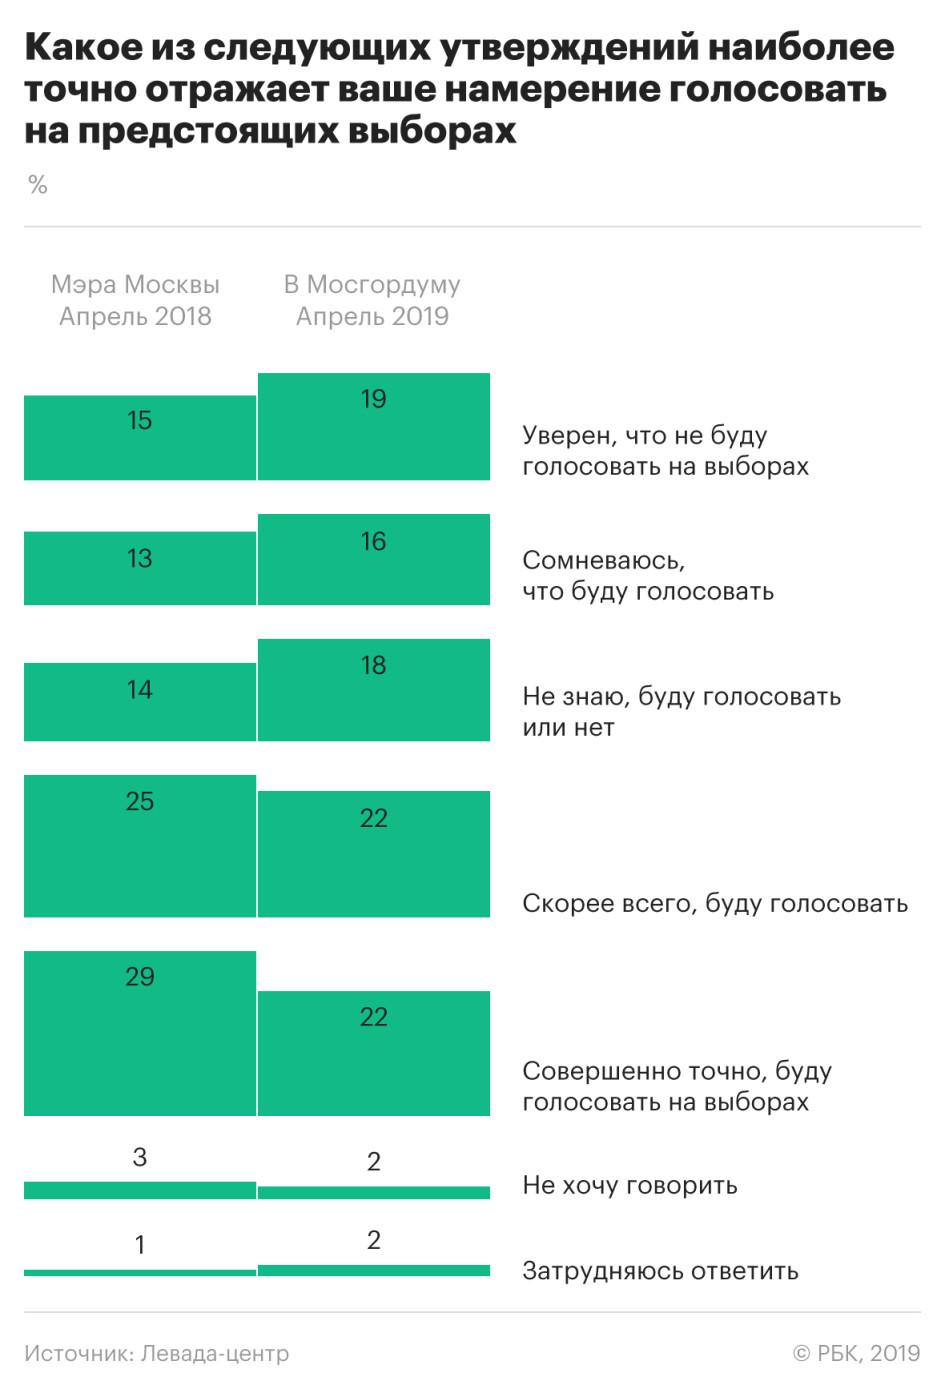 Москвичи все меньше доверяют федеральным властям и все больше - Собянину